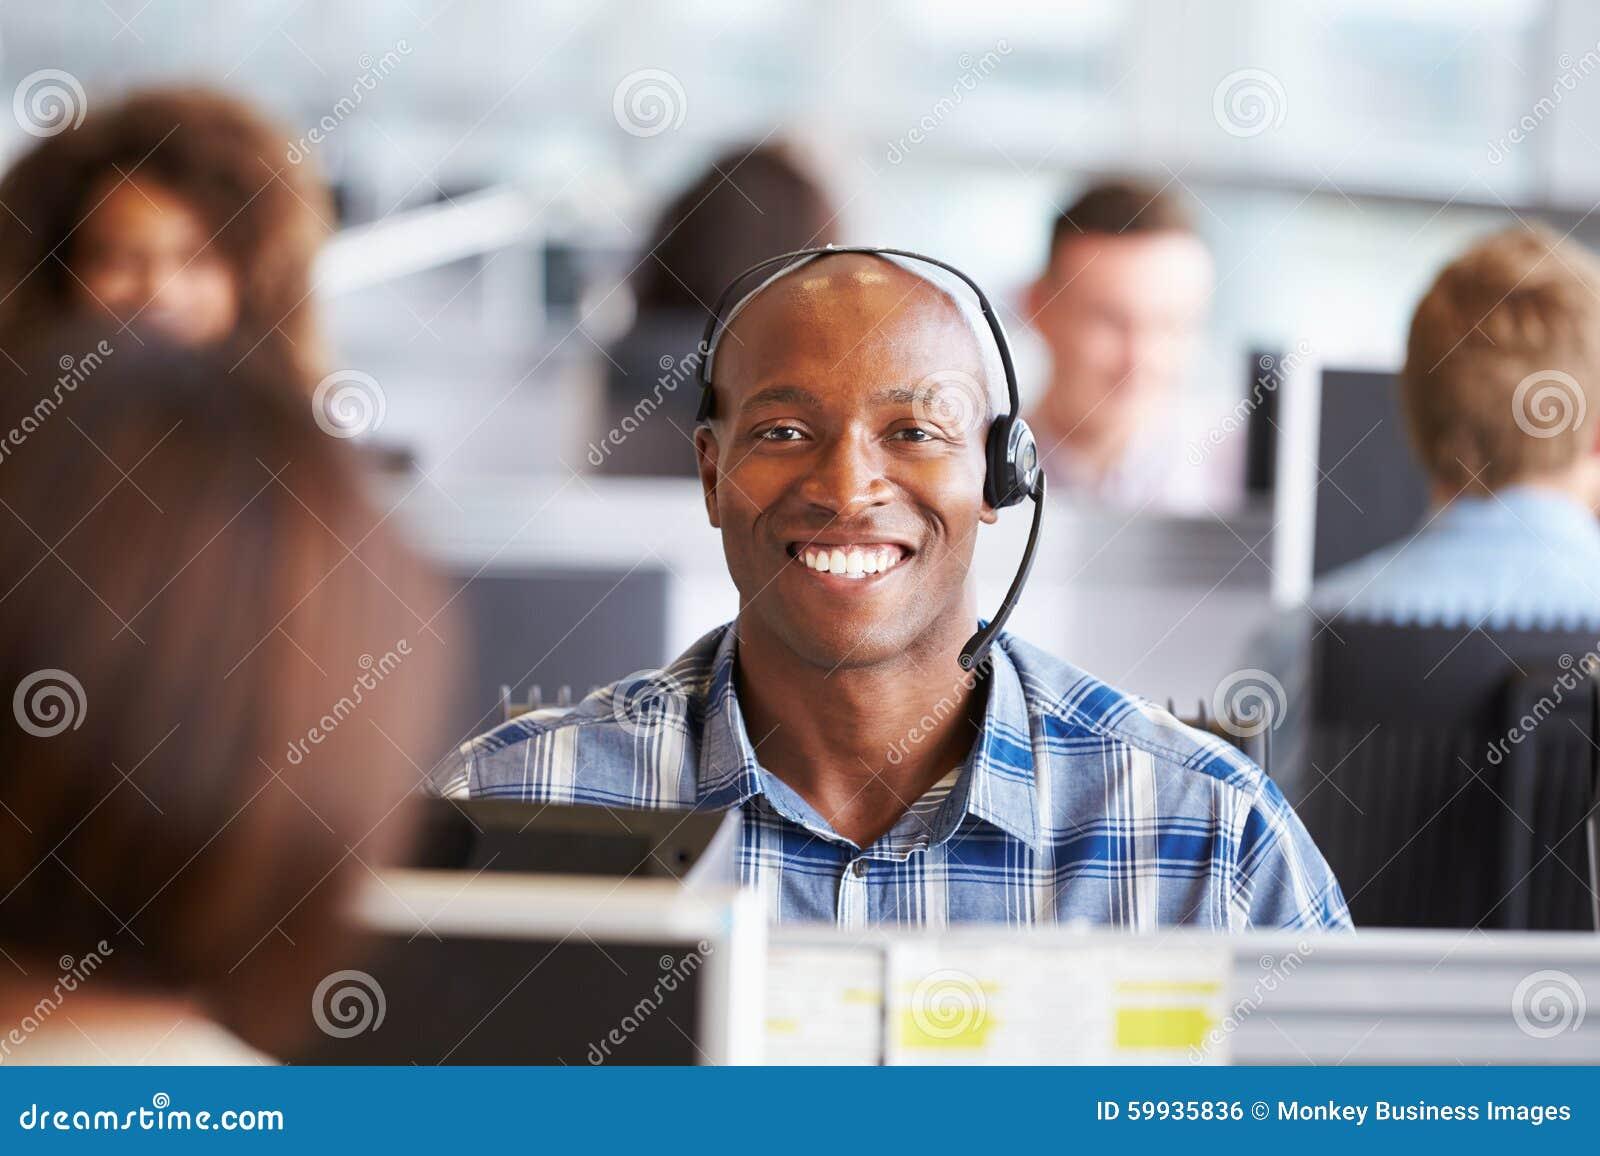 Uomo afroamericano che lavora nel call-center, sguardi alla macchina fotografica